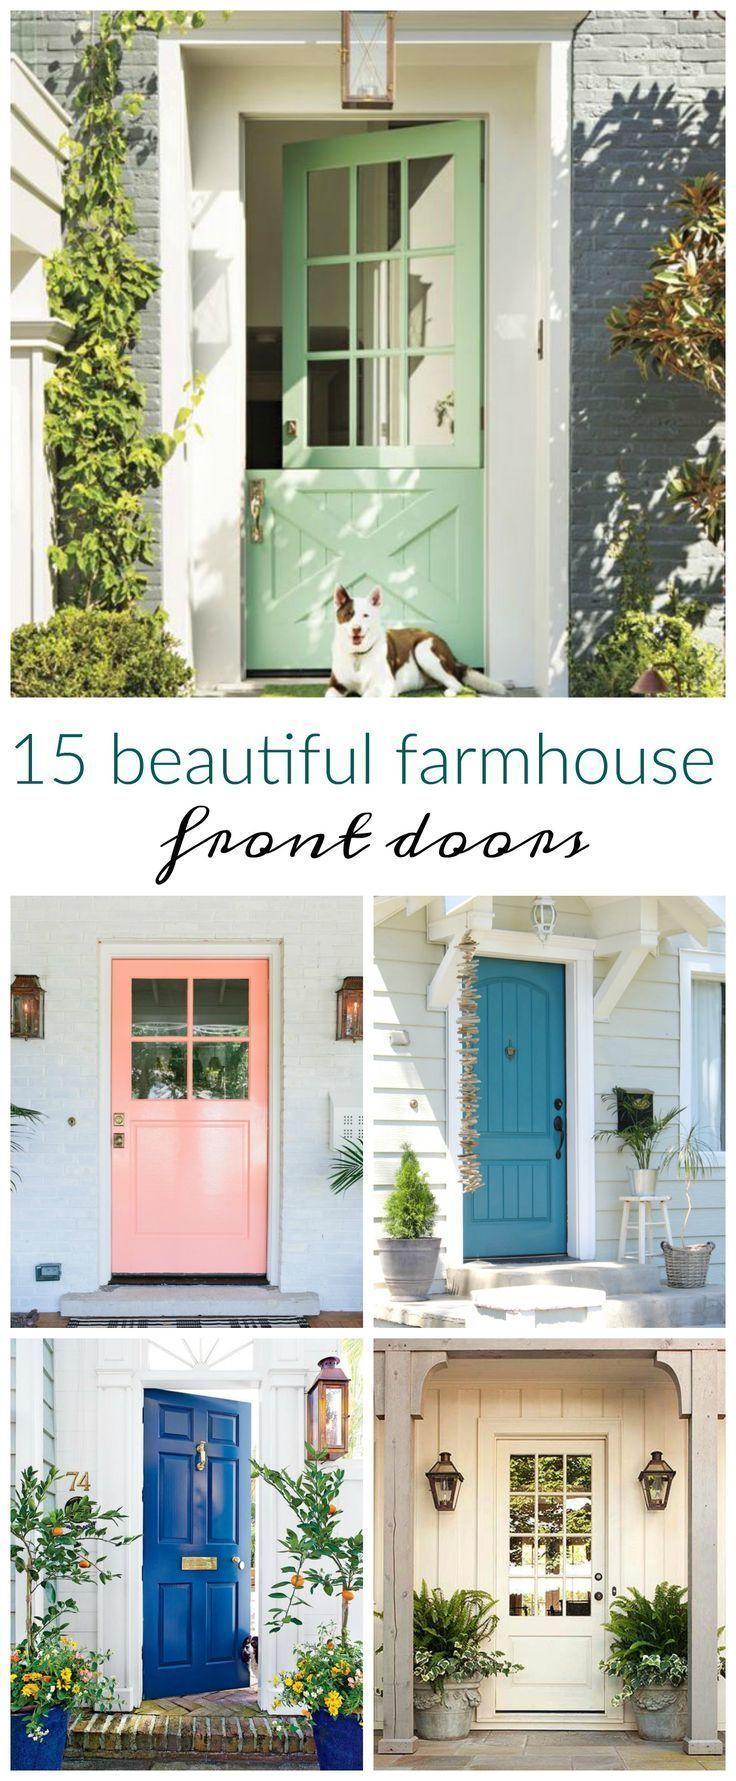 Best Front Door Color 245 best exteriors - front doors images on pinterest   doors